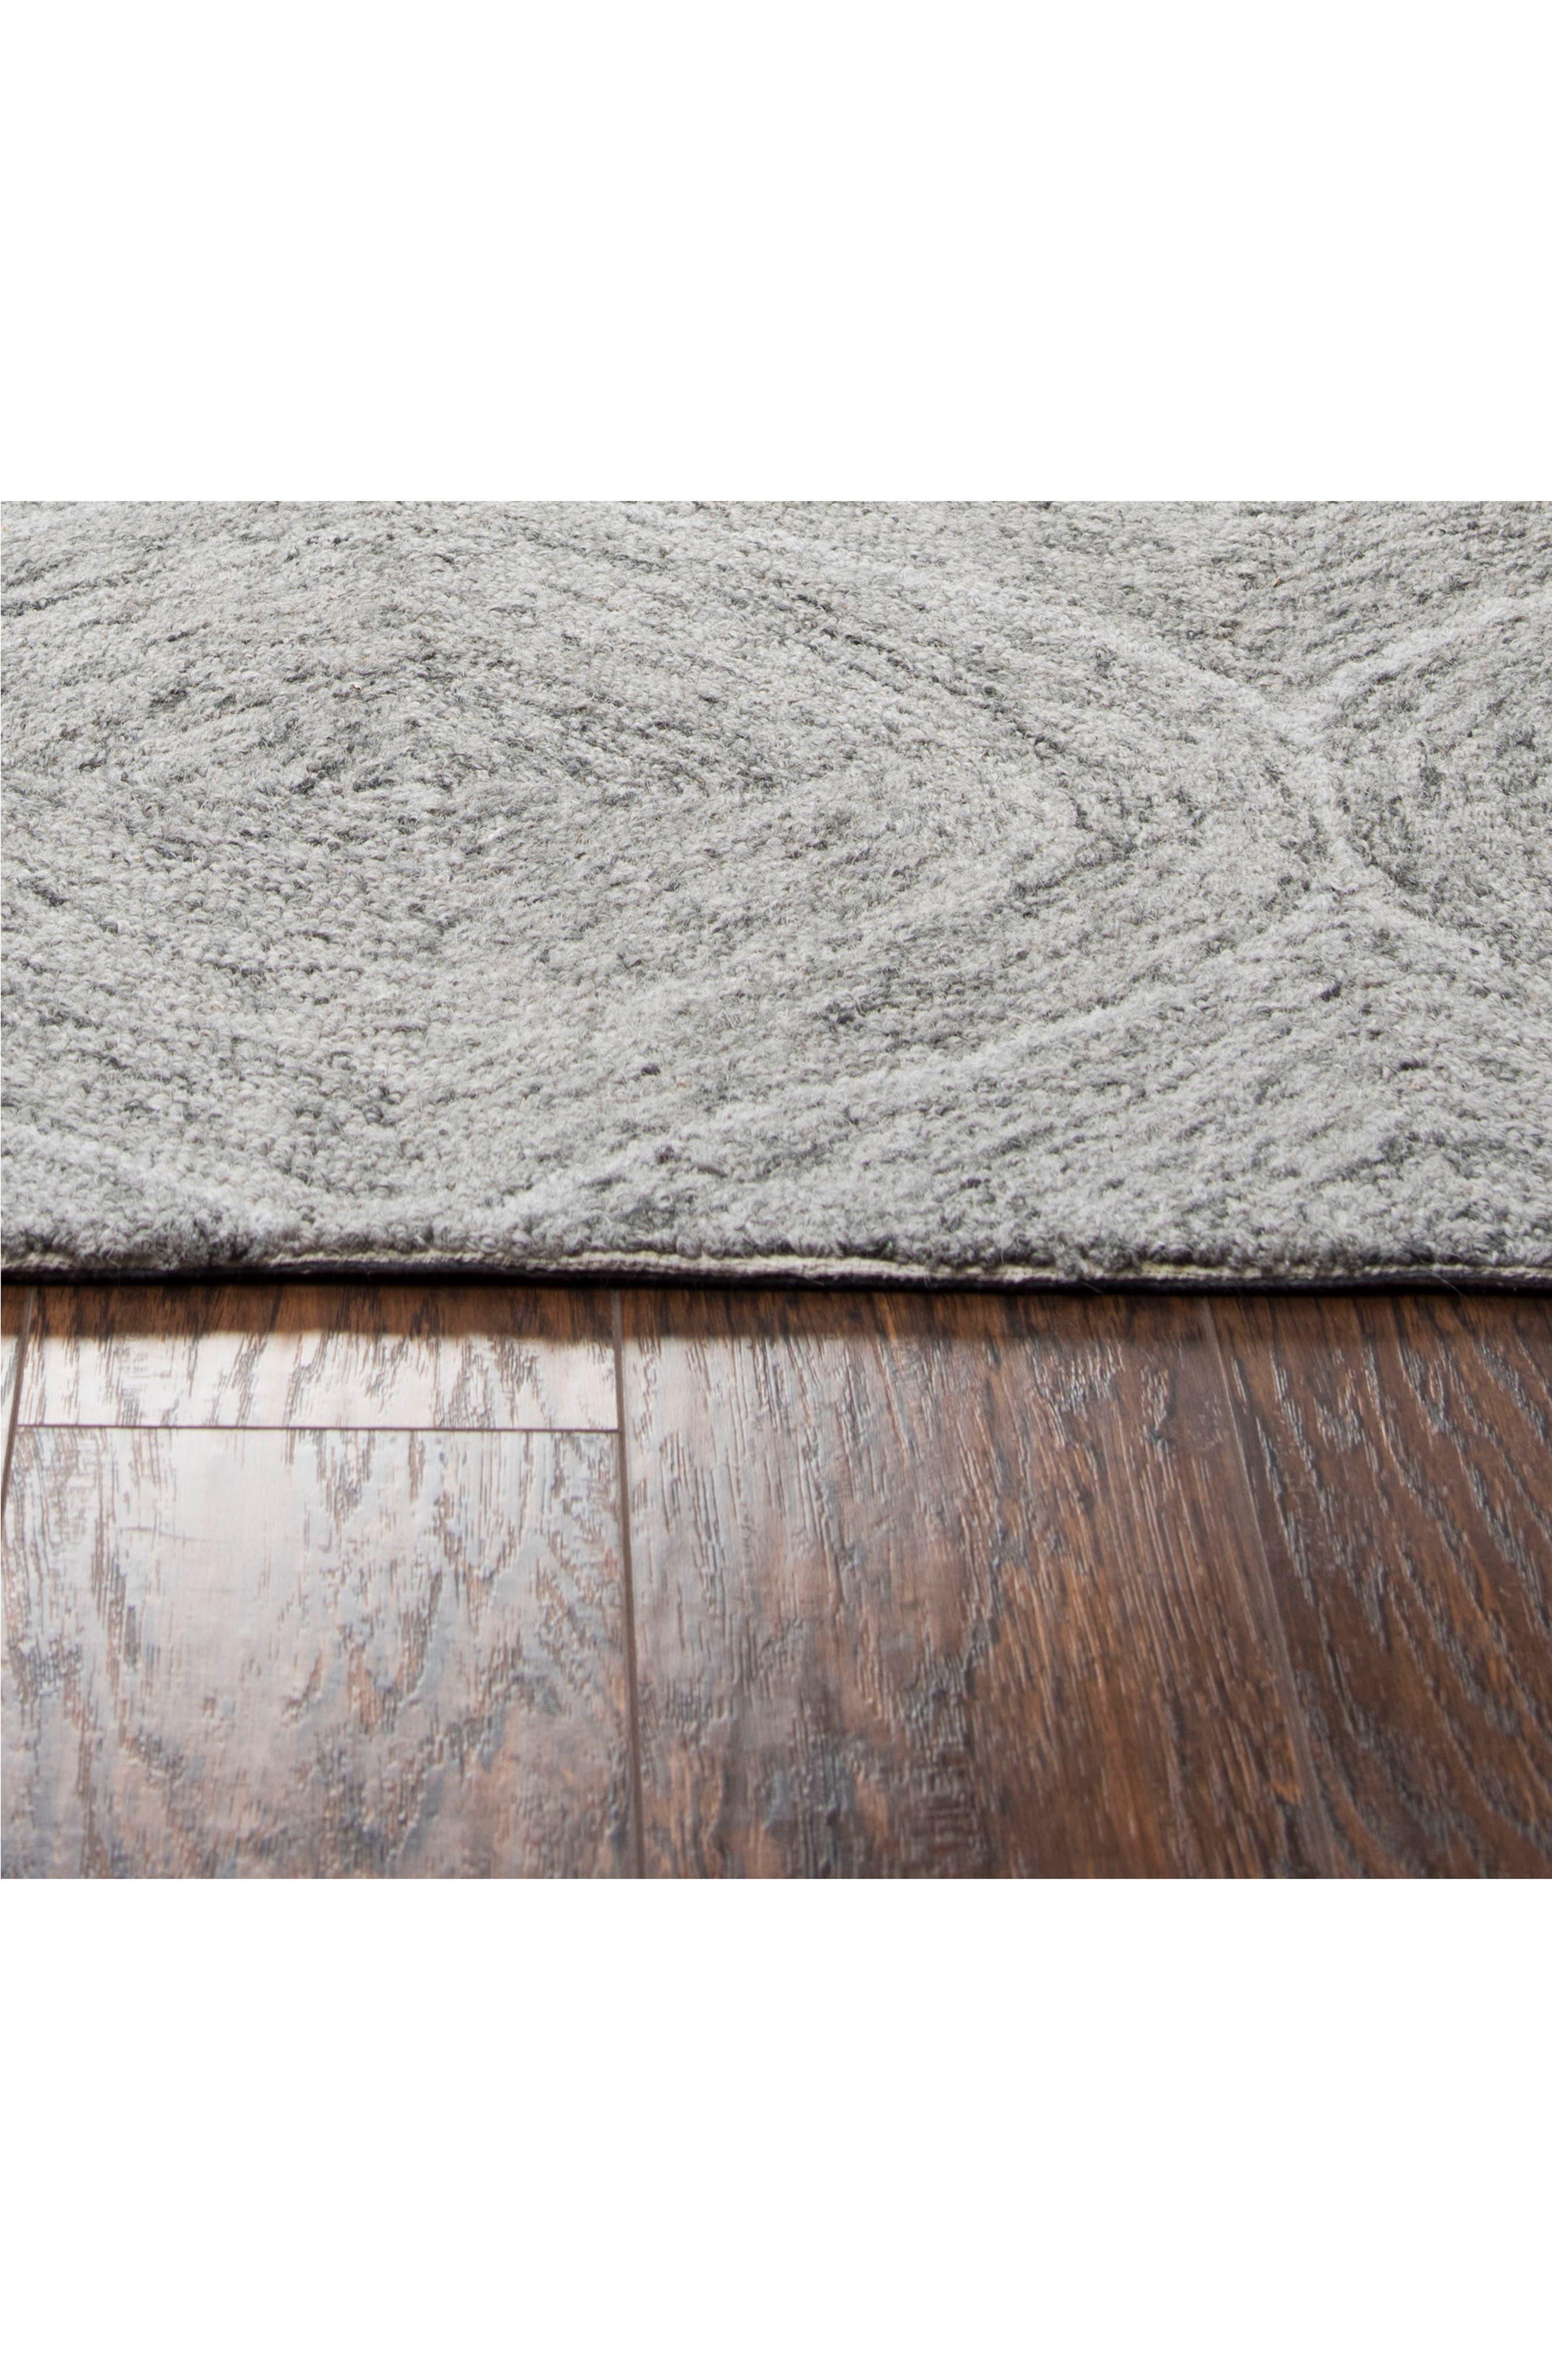 Irregular Diamond Hand Tufted Wool Area Rug,                             Alternate thumbnail 19, color,